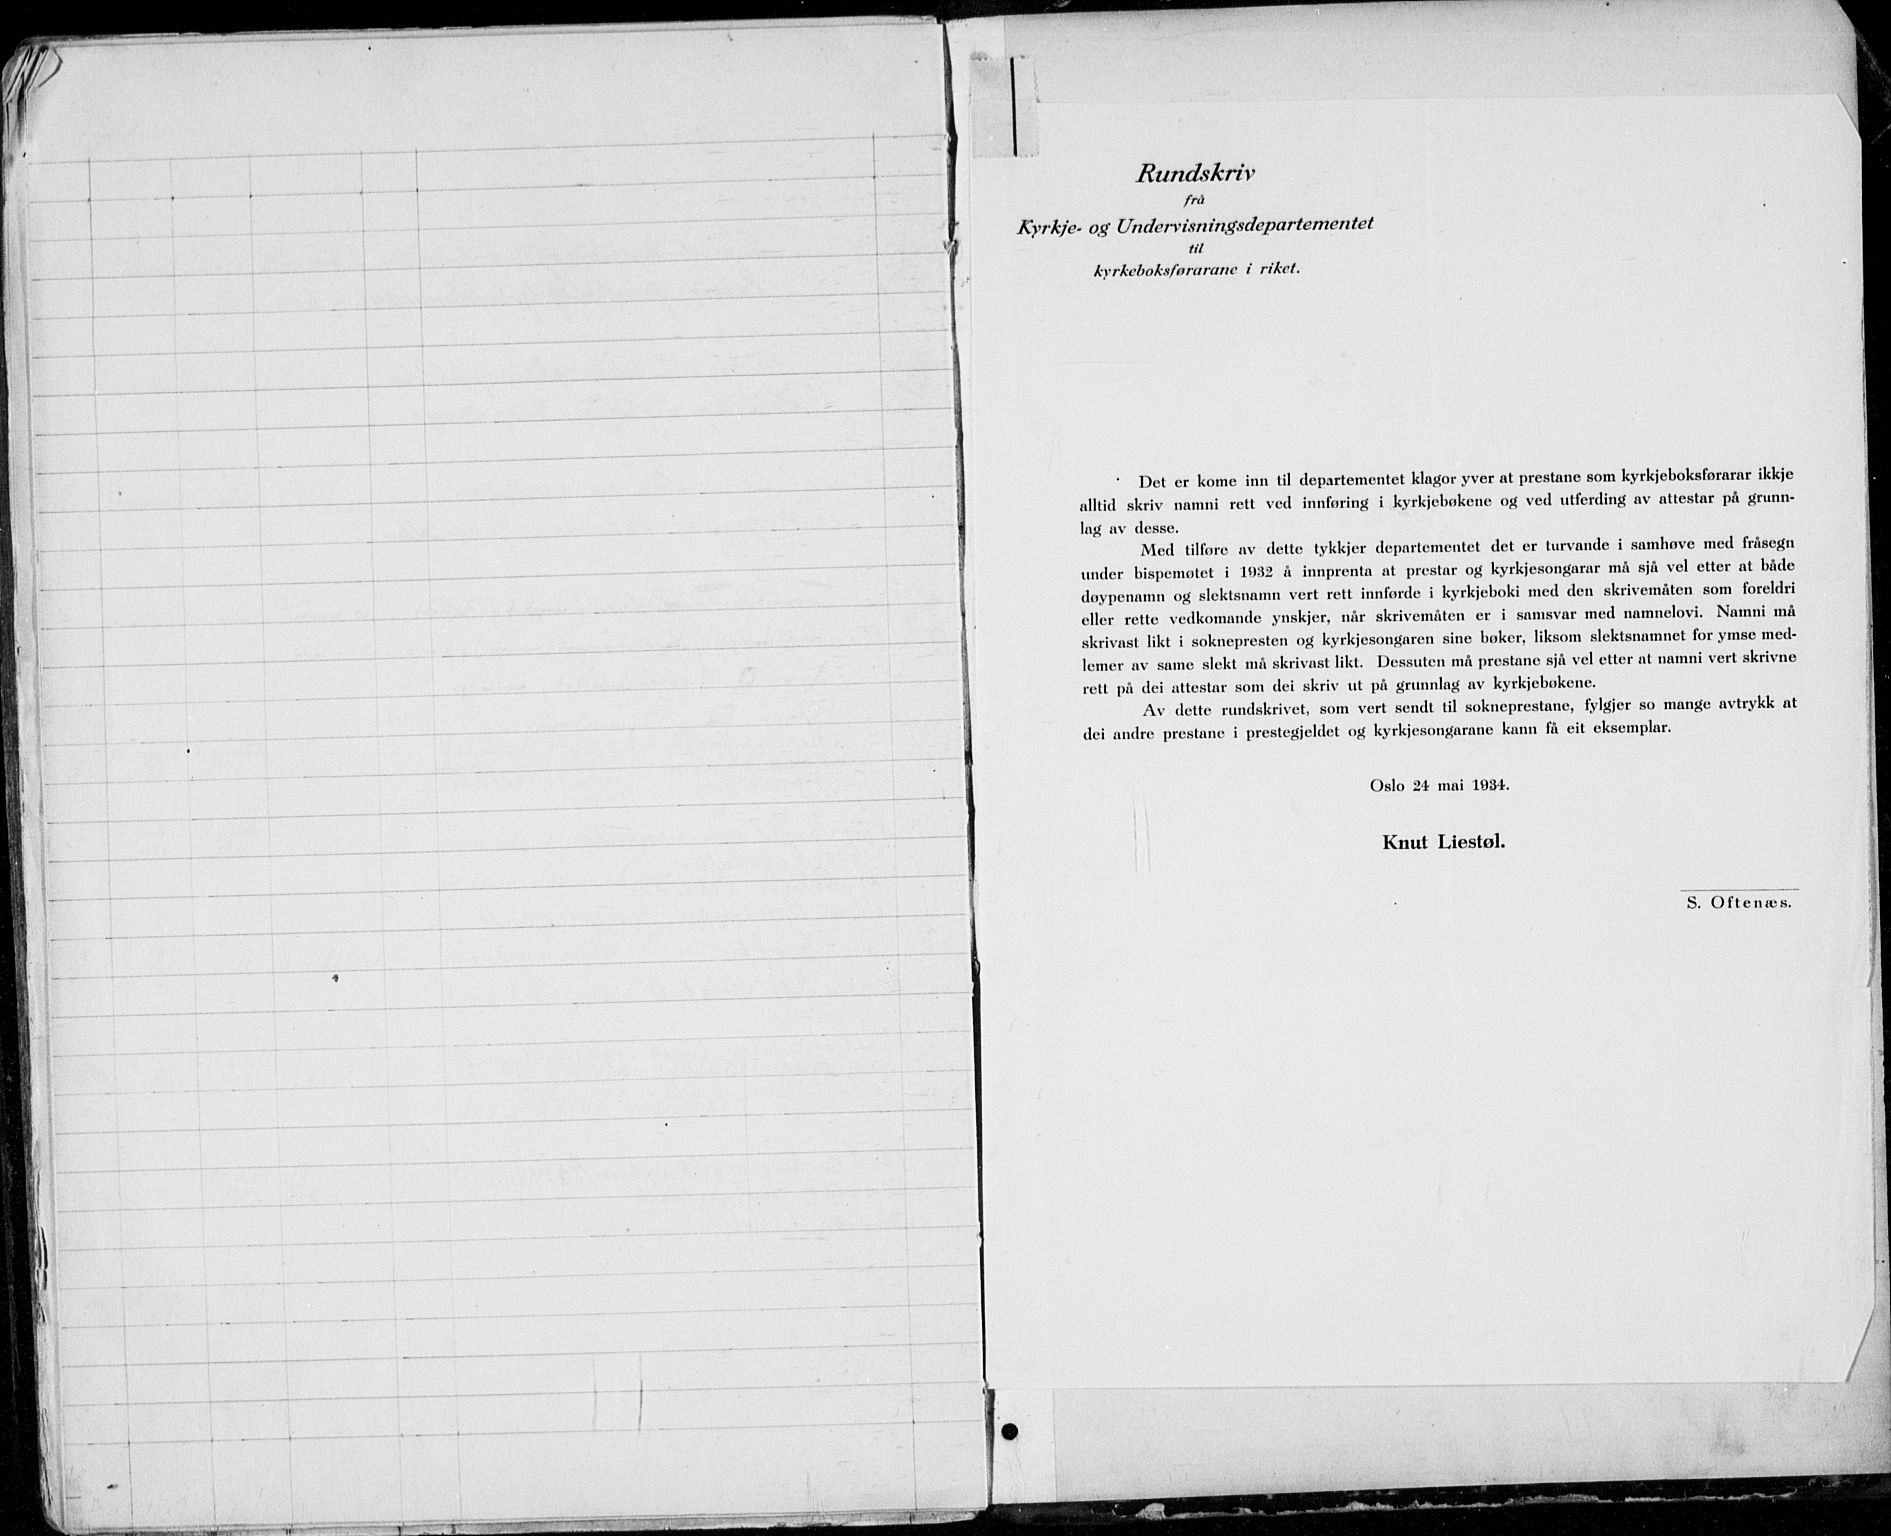 SAH, Lom prestekontor, L/L0013: Klokkerbok nr. 13, 1874-1938